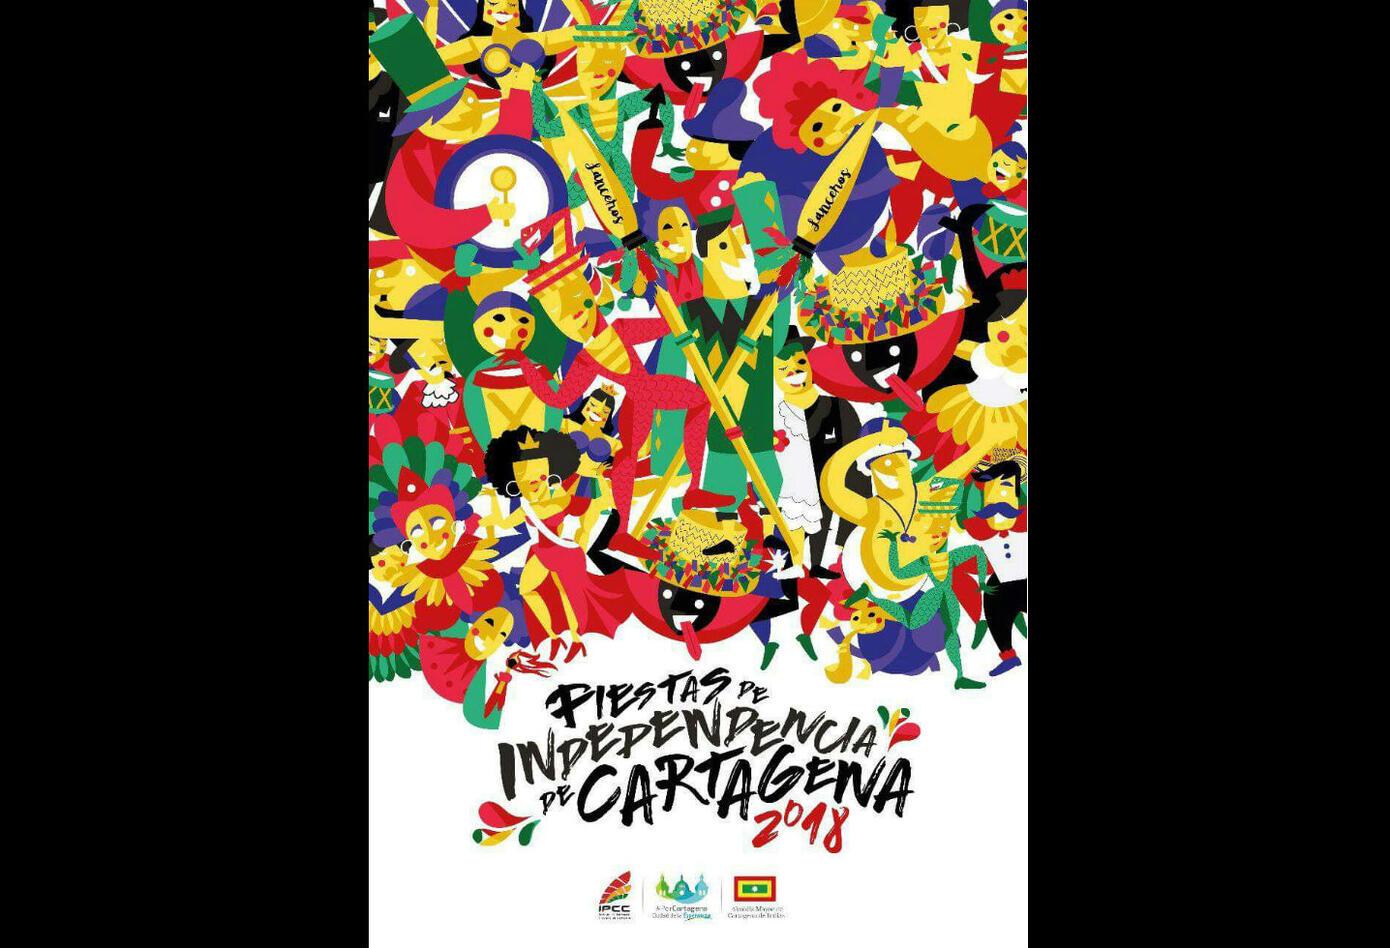 Imagen de las Fiestas de la Independencia en Cartagena